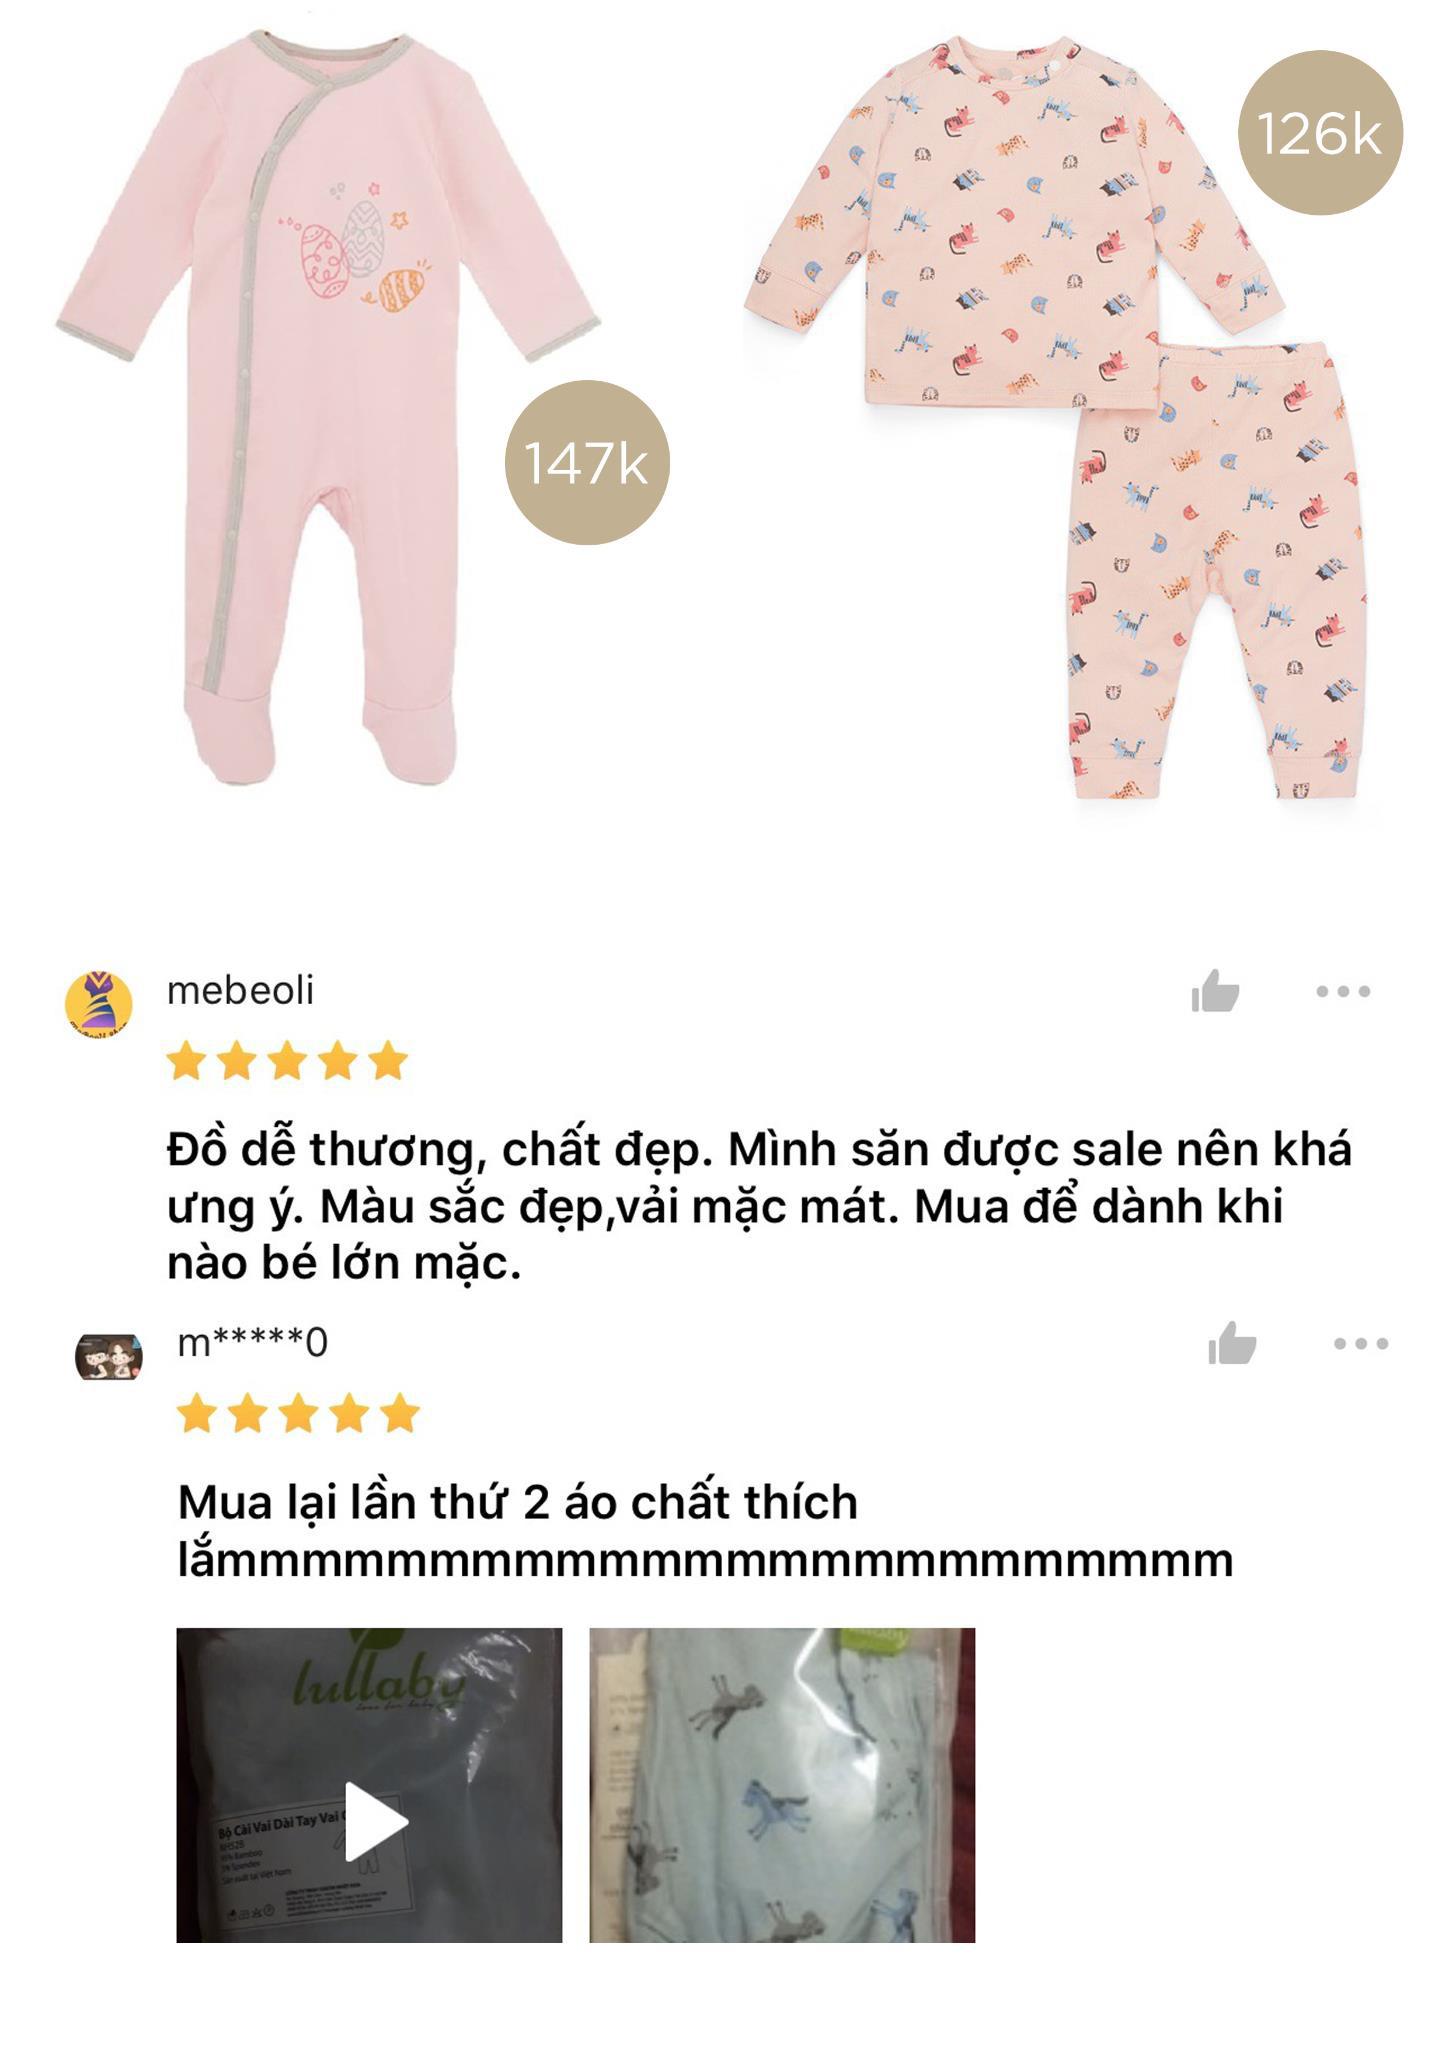 5 shop đồ trẻ em có giá siêu rẻ cho hội mẹ bỉm mua sắm không cần nhìn giá! - Ảnh 10.